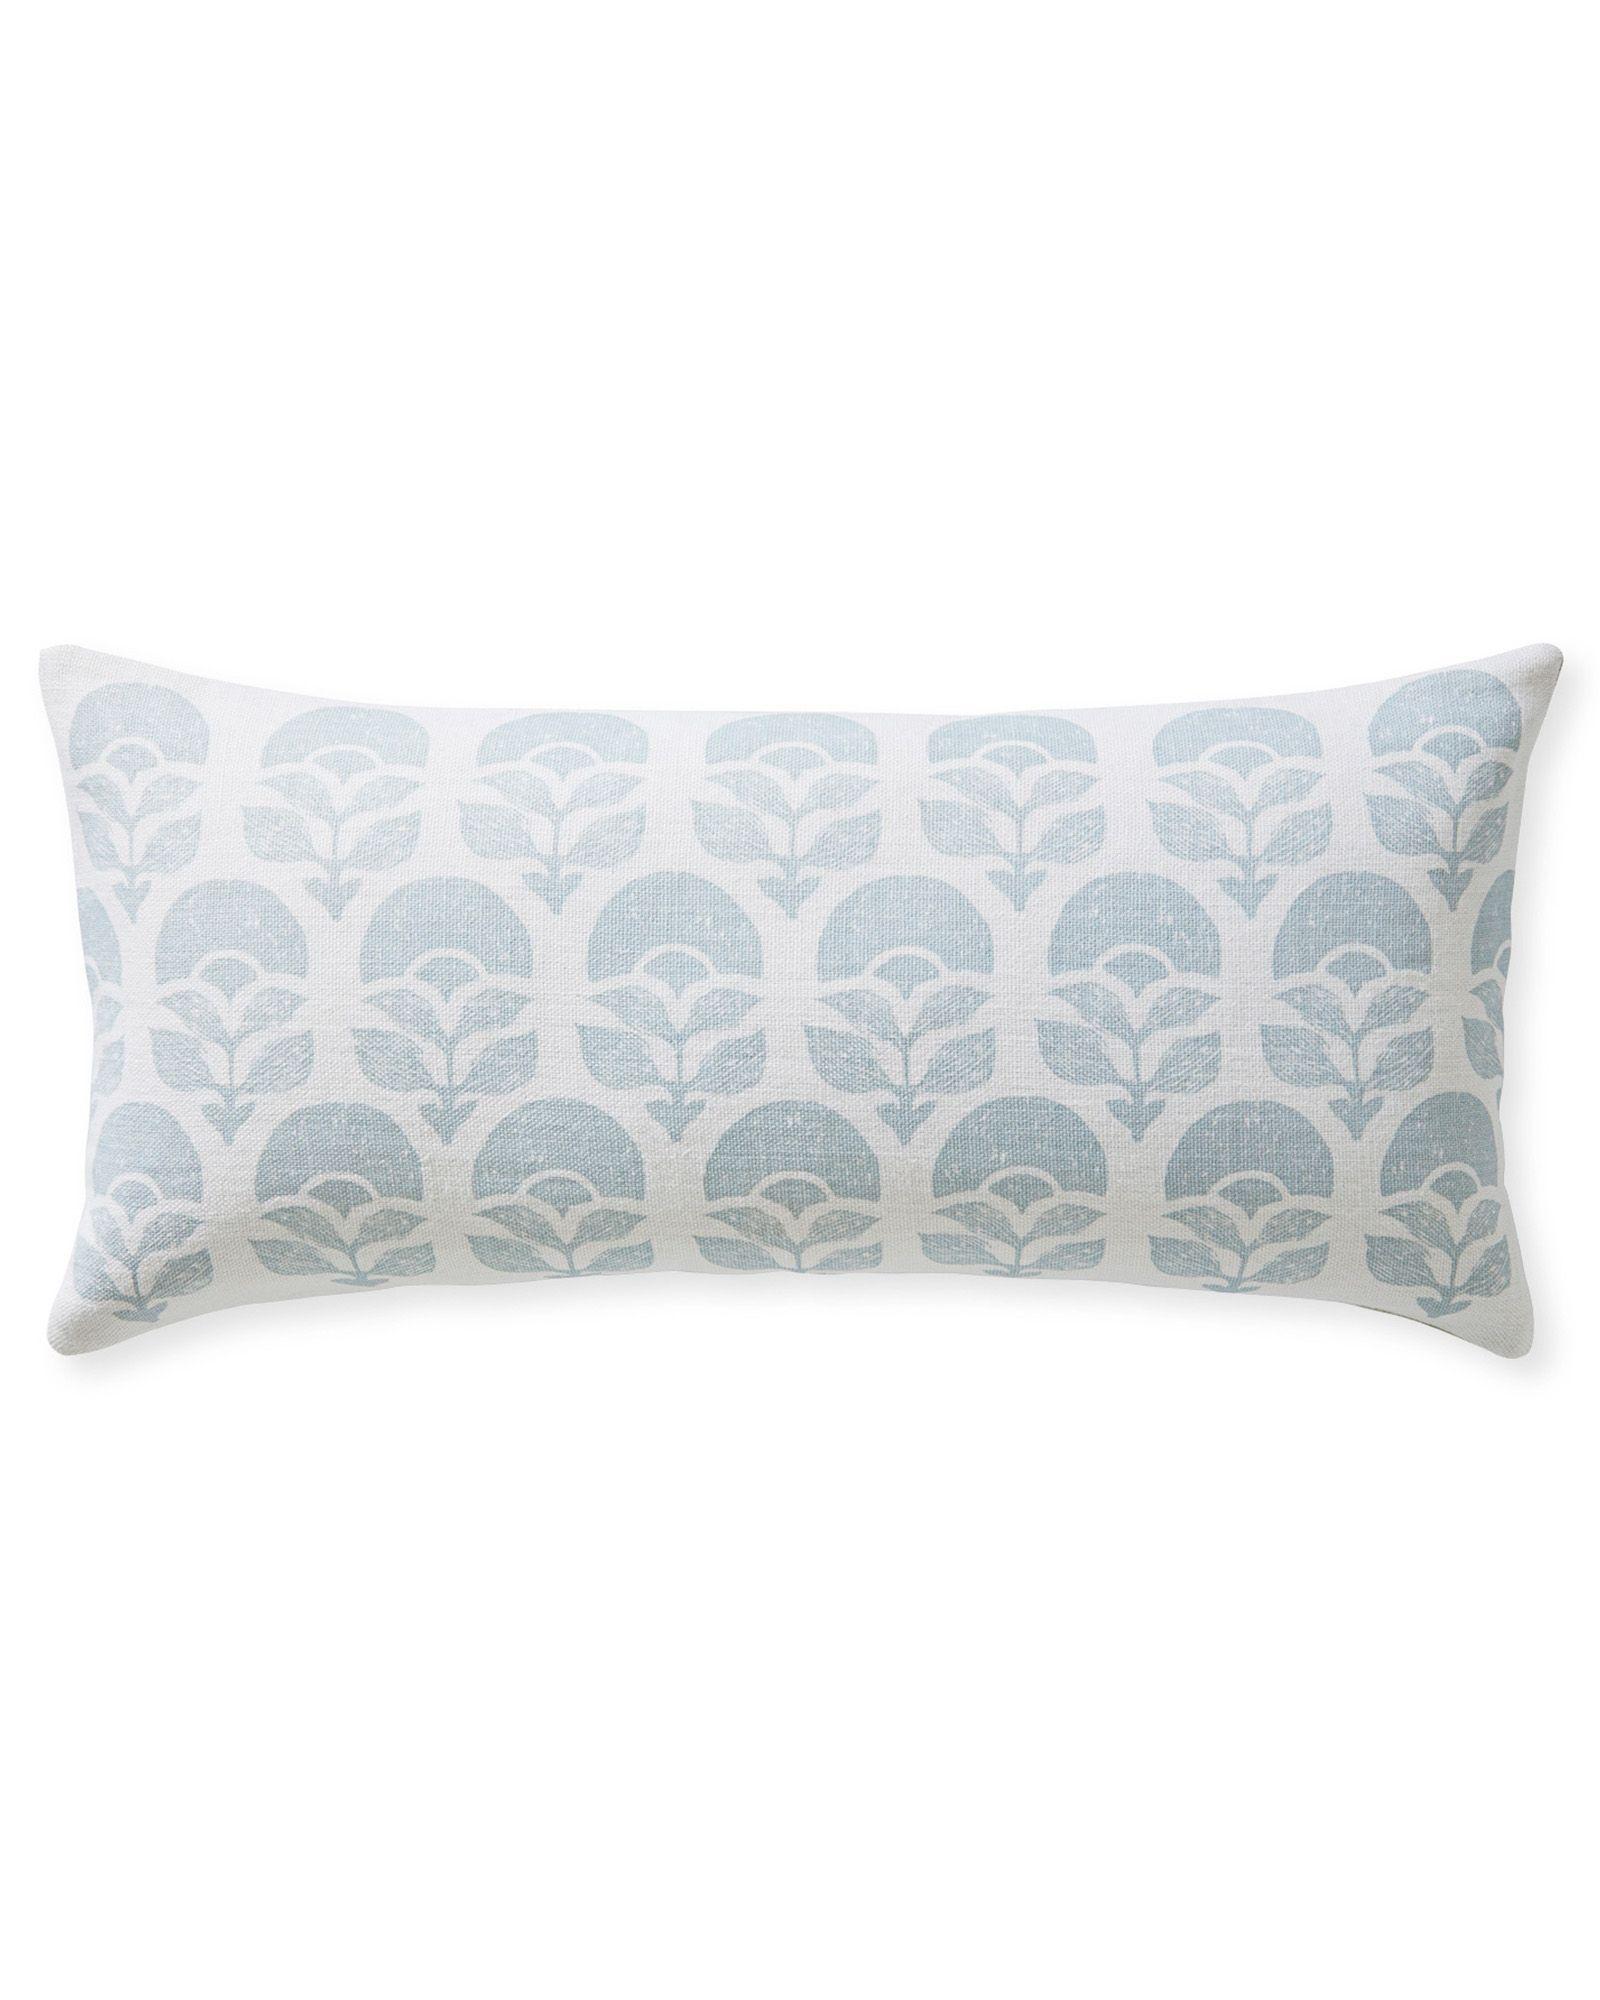 24X24 Pillow Insert Beauteous Larkspur Printed Pillow Coverlarkspur Printed Pillow Cover  1588 Design Ideas